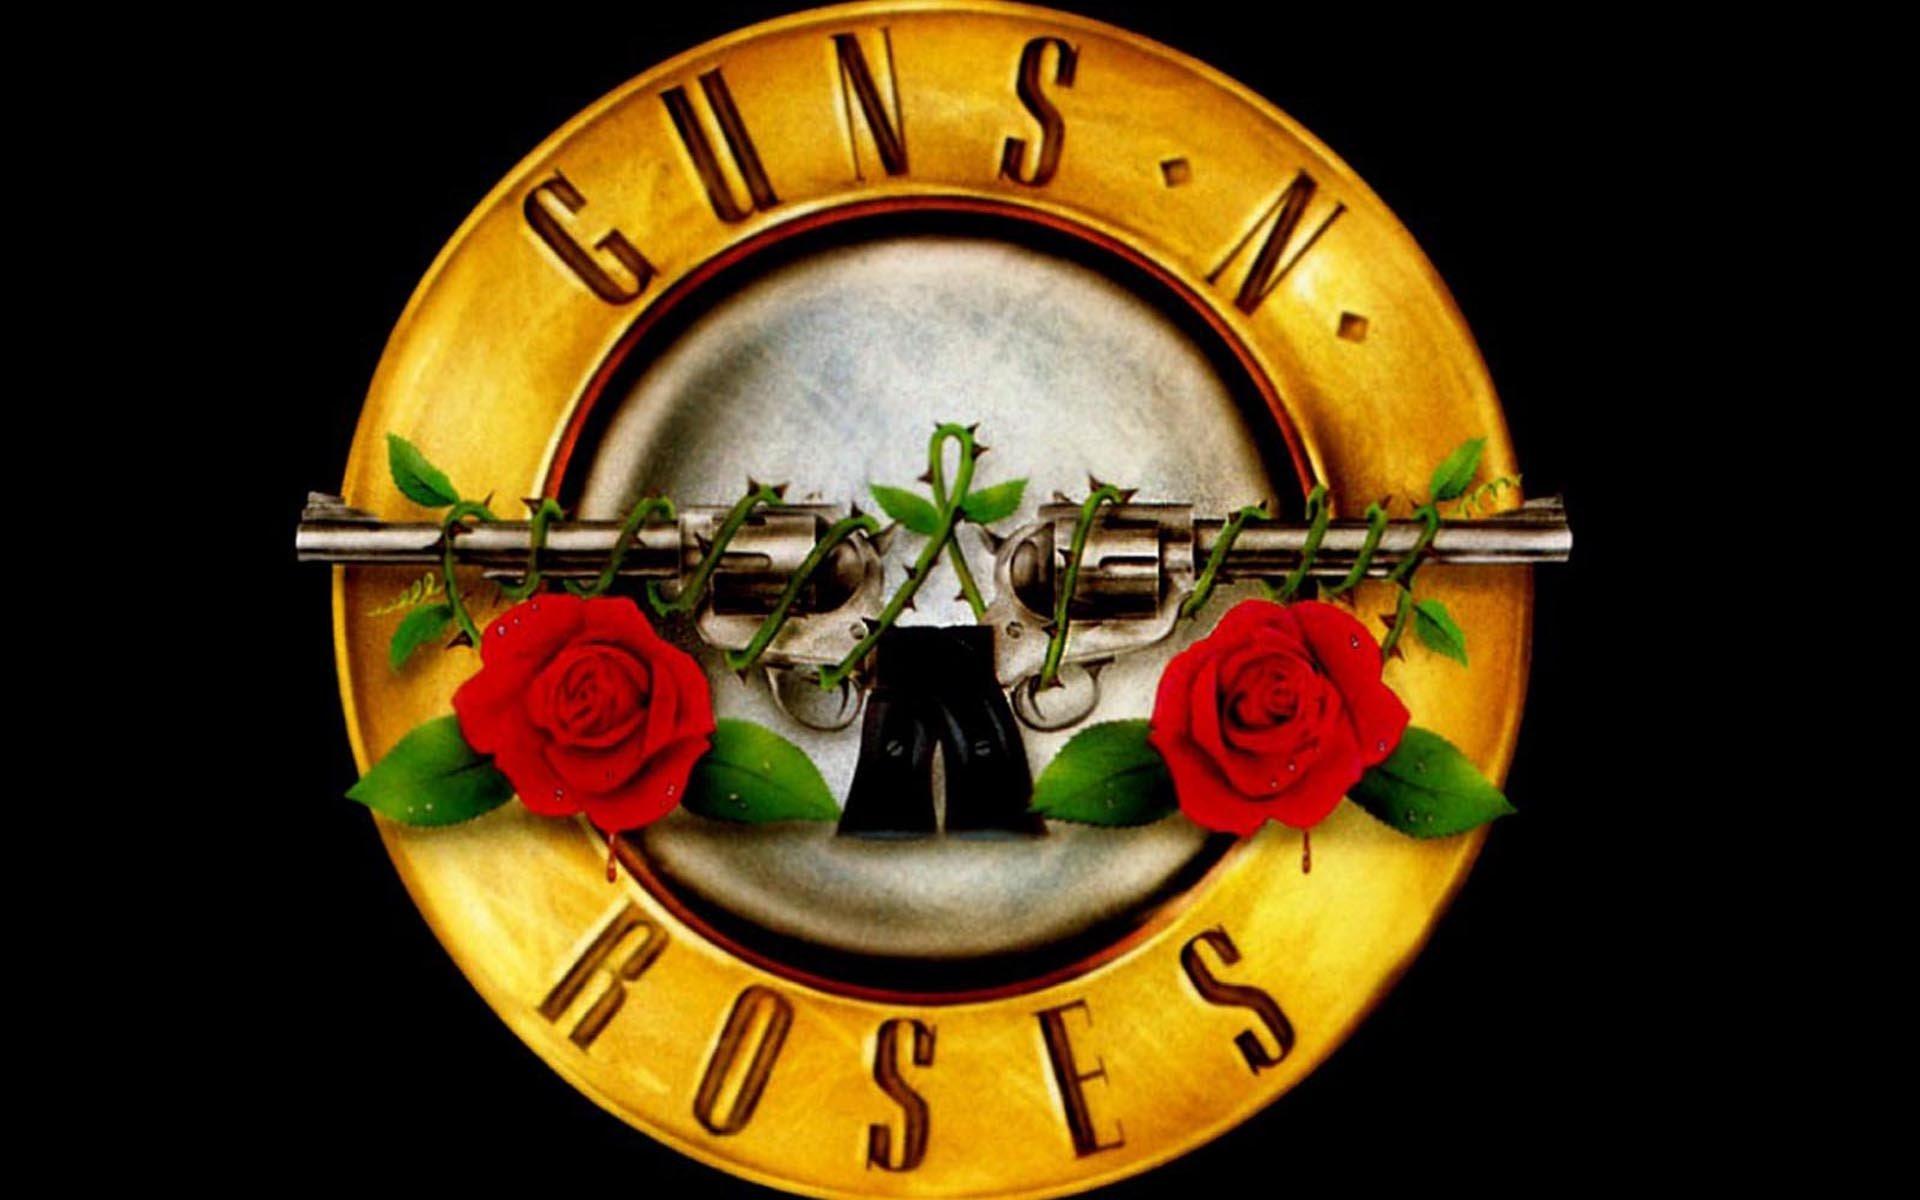 Hd Wallpaper Gnr Guns N Roses 347586 Hd Wallpaper